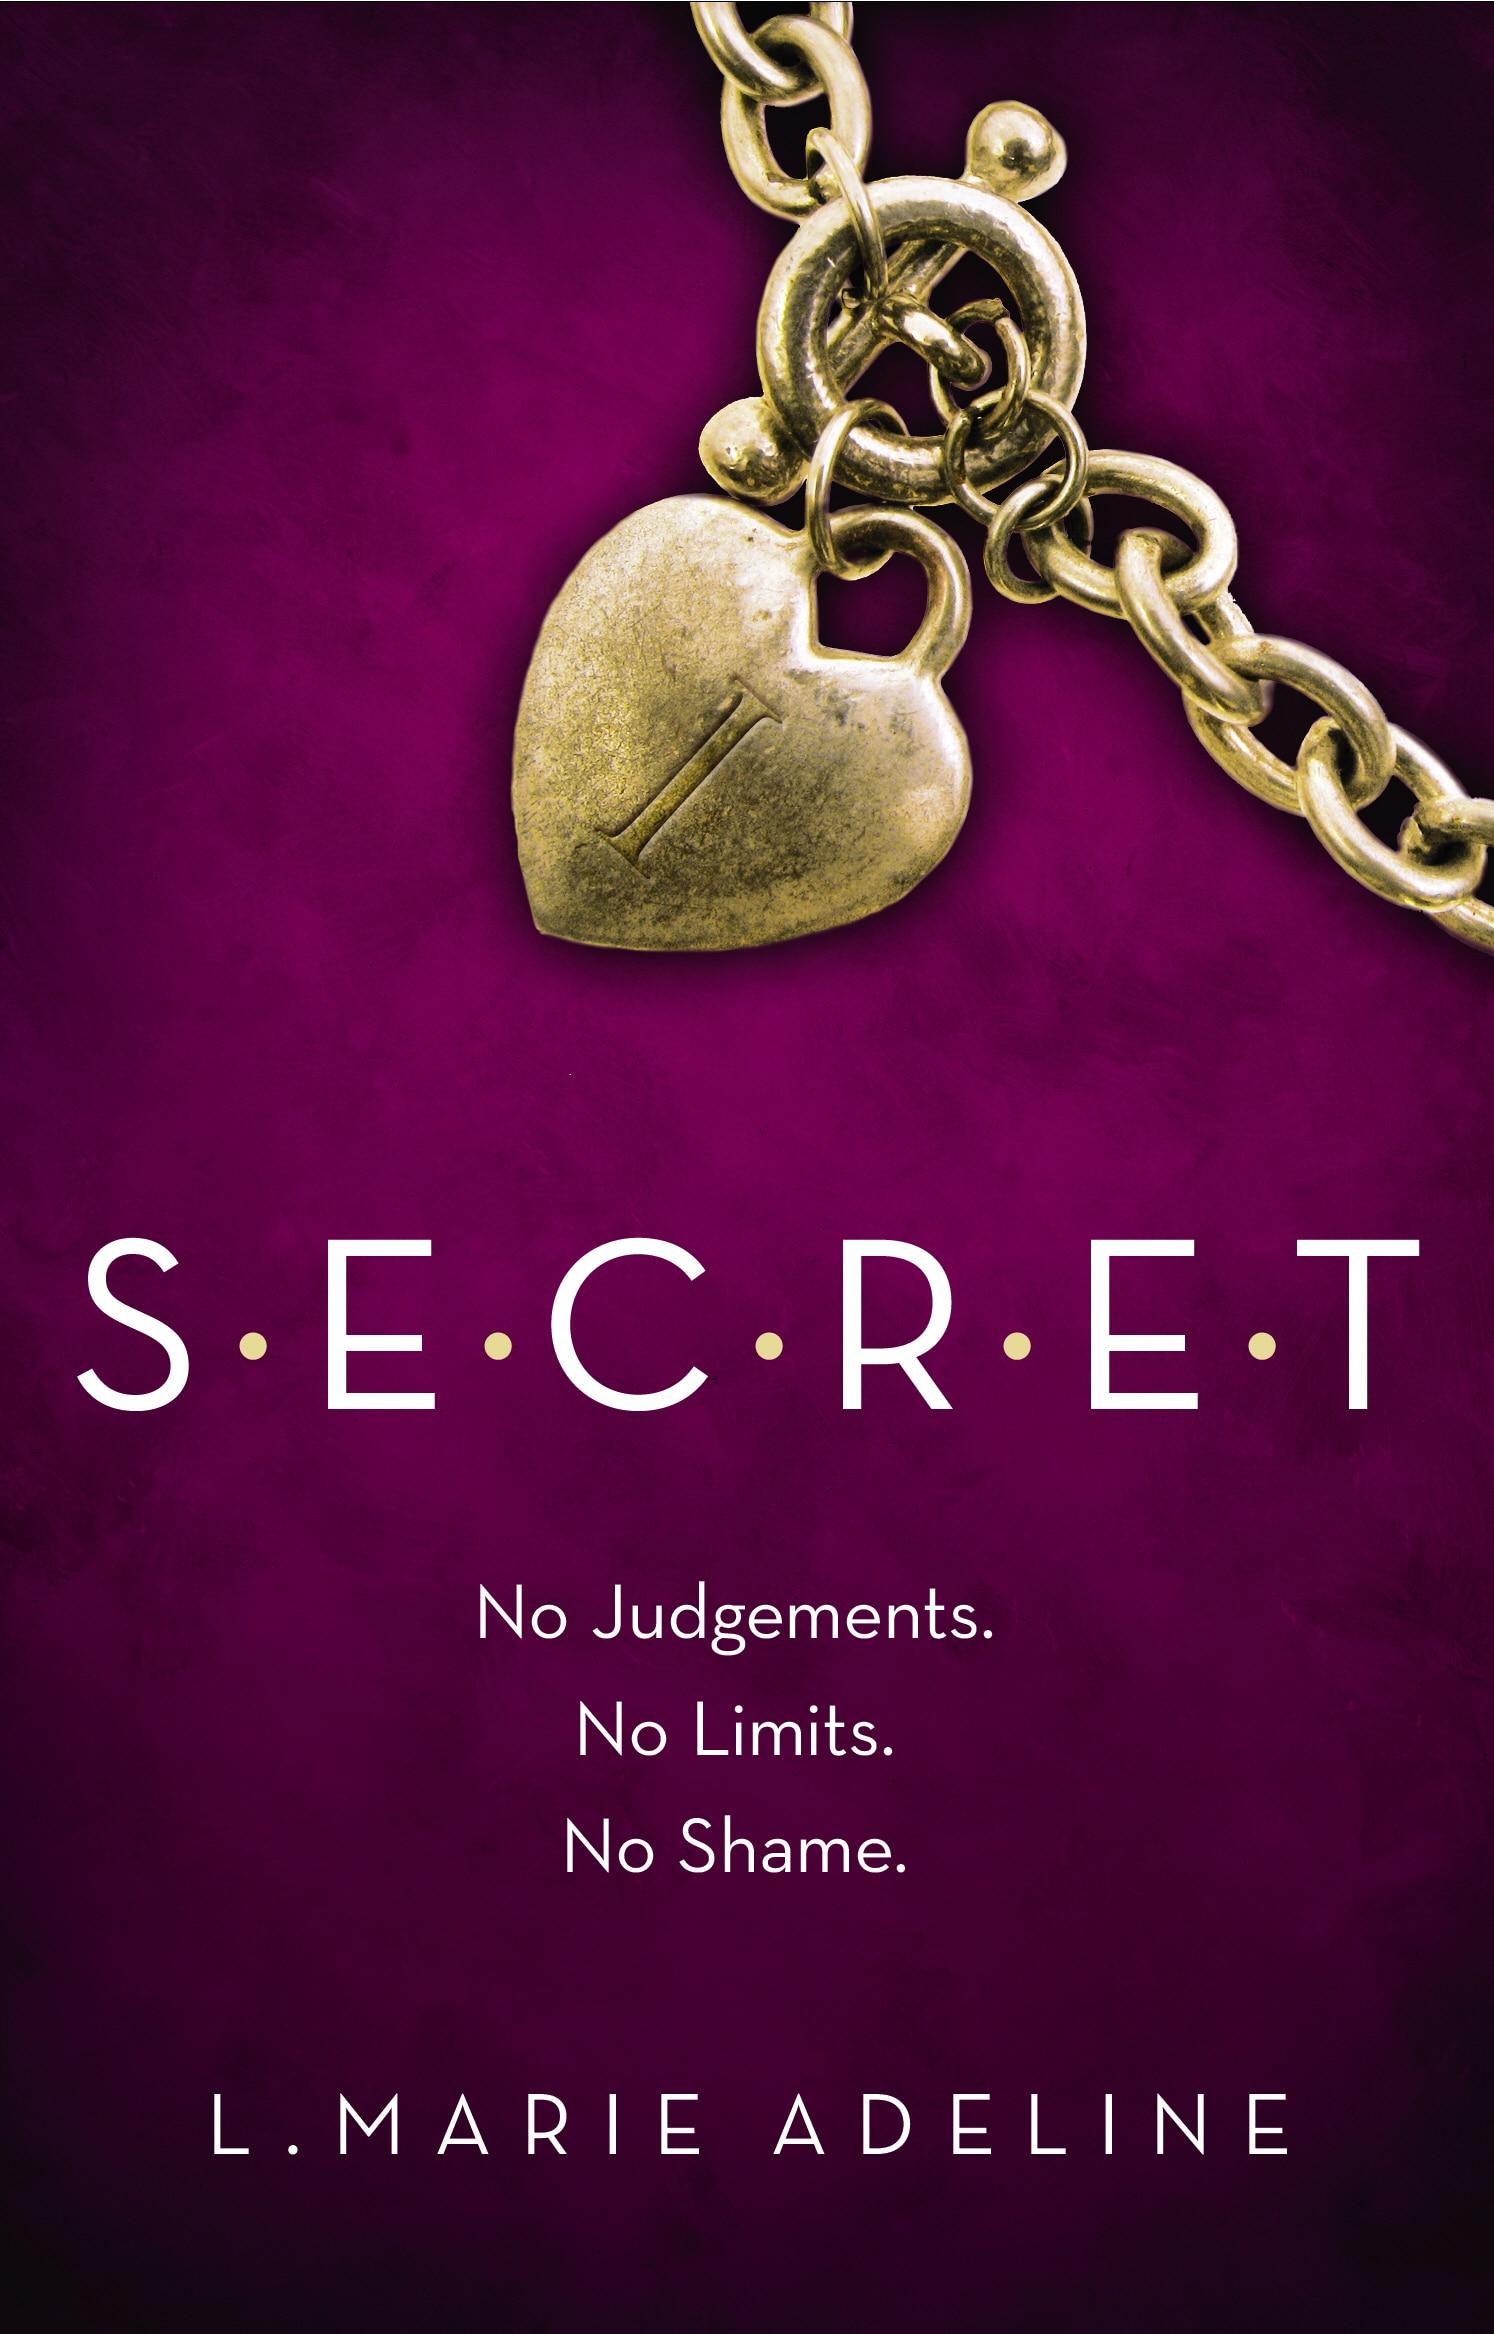 Μπορείς να κρατήσεις μυστικό;     Το S.E.C.R.E.T. λειτουργεί... Χωρίς κριτική, χωρίς όρια, χωρίς αναστολές.